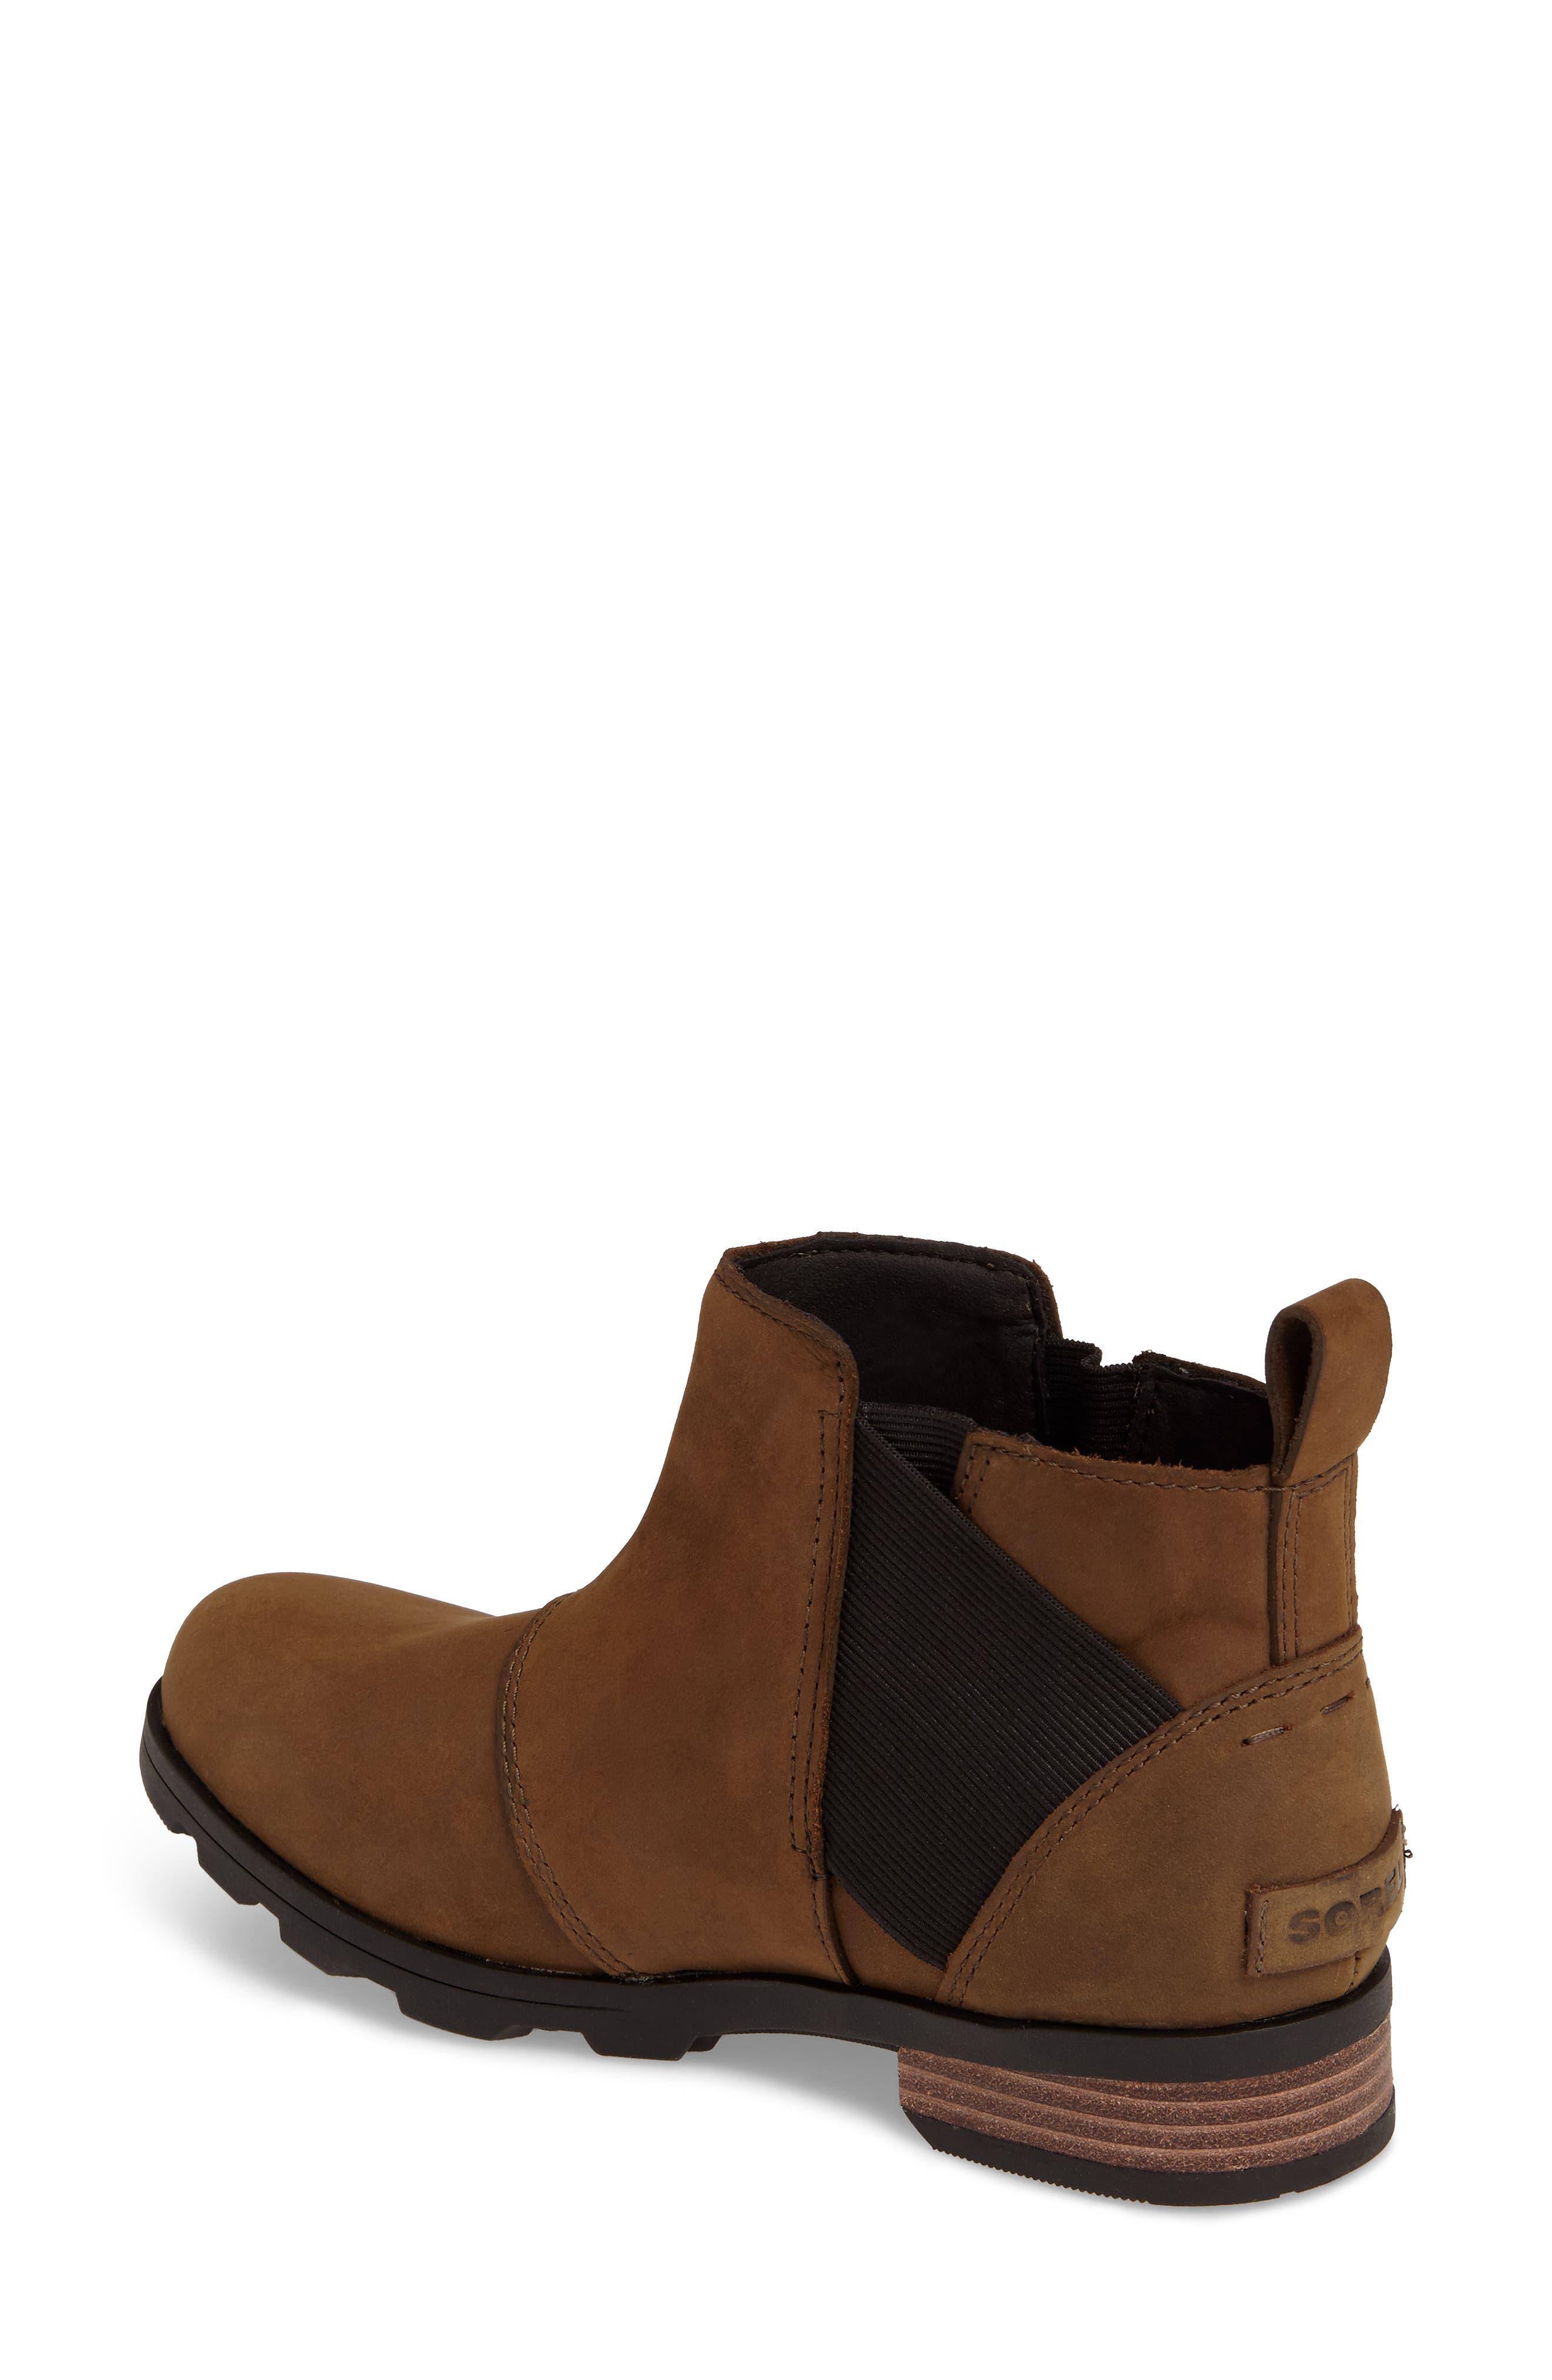 Emelie Waterproof Chelsea Boot,                             Alternate thumbnail 8, color,